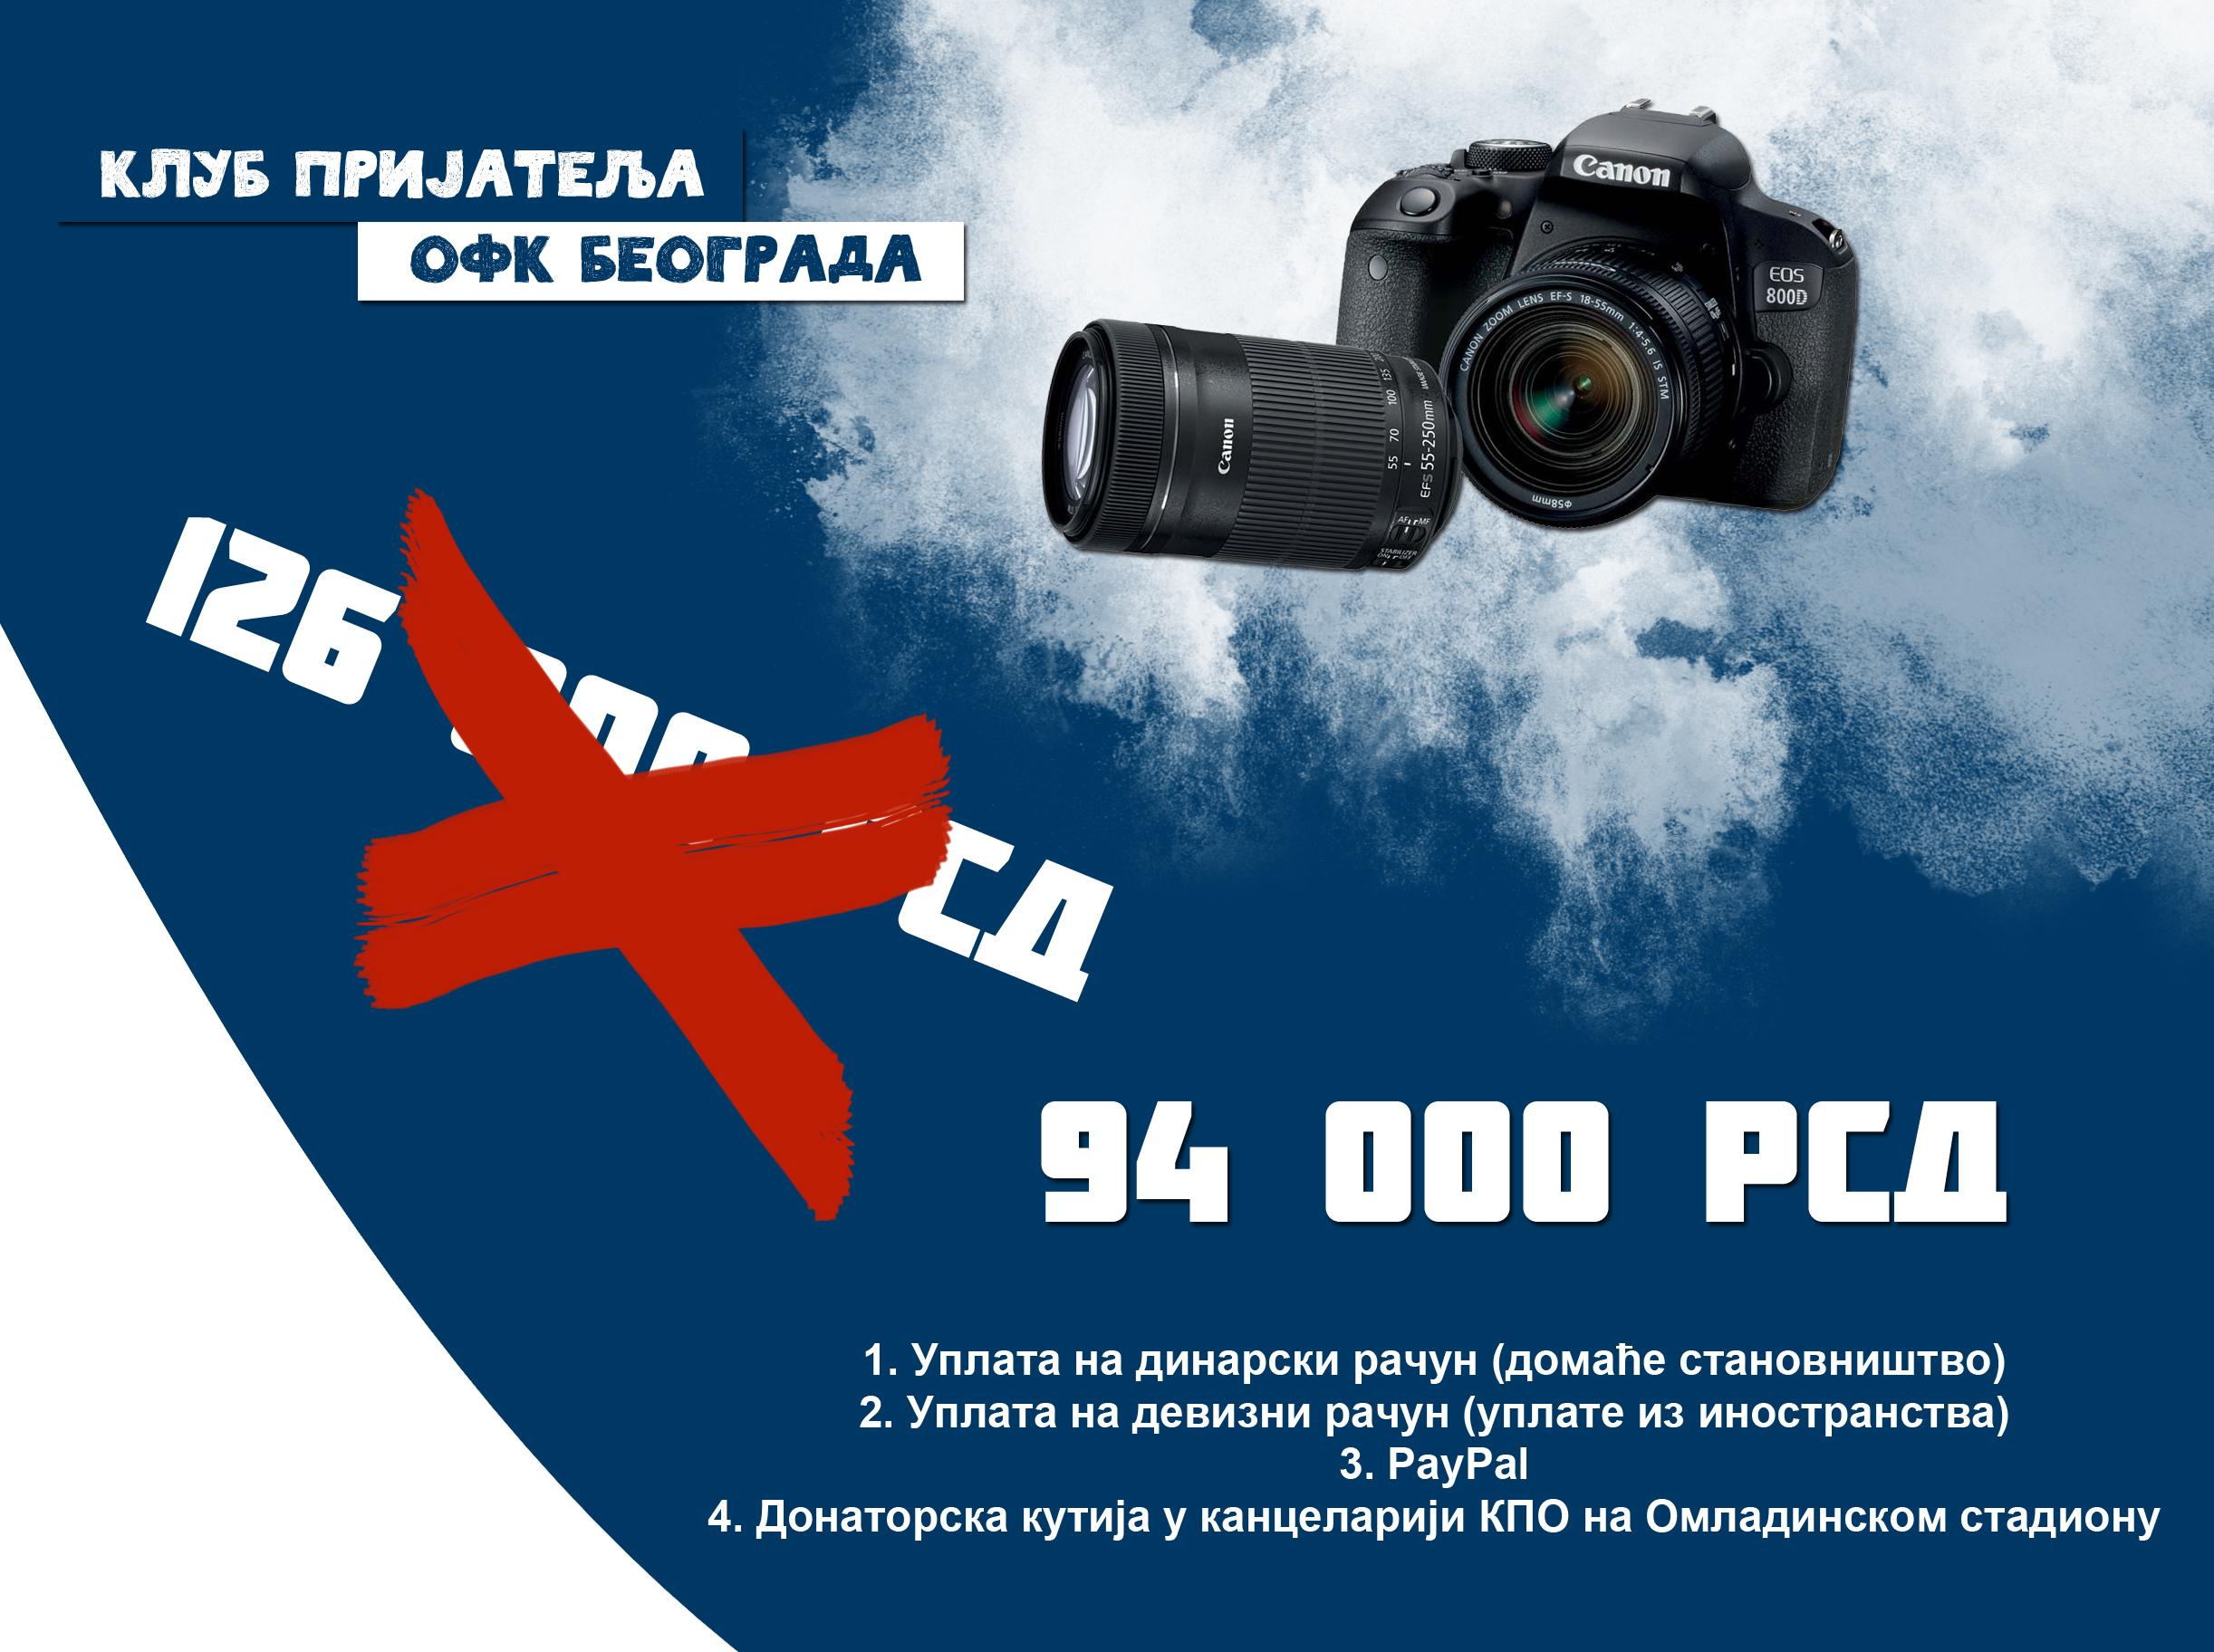 Наставља се скупљање средстава за фото апарат. Нови износ приступачнији